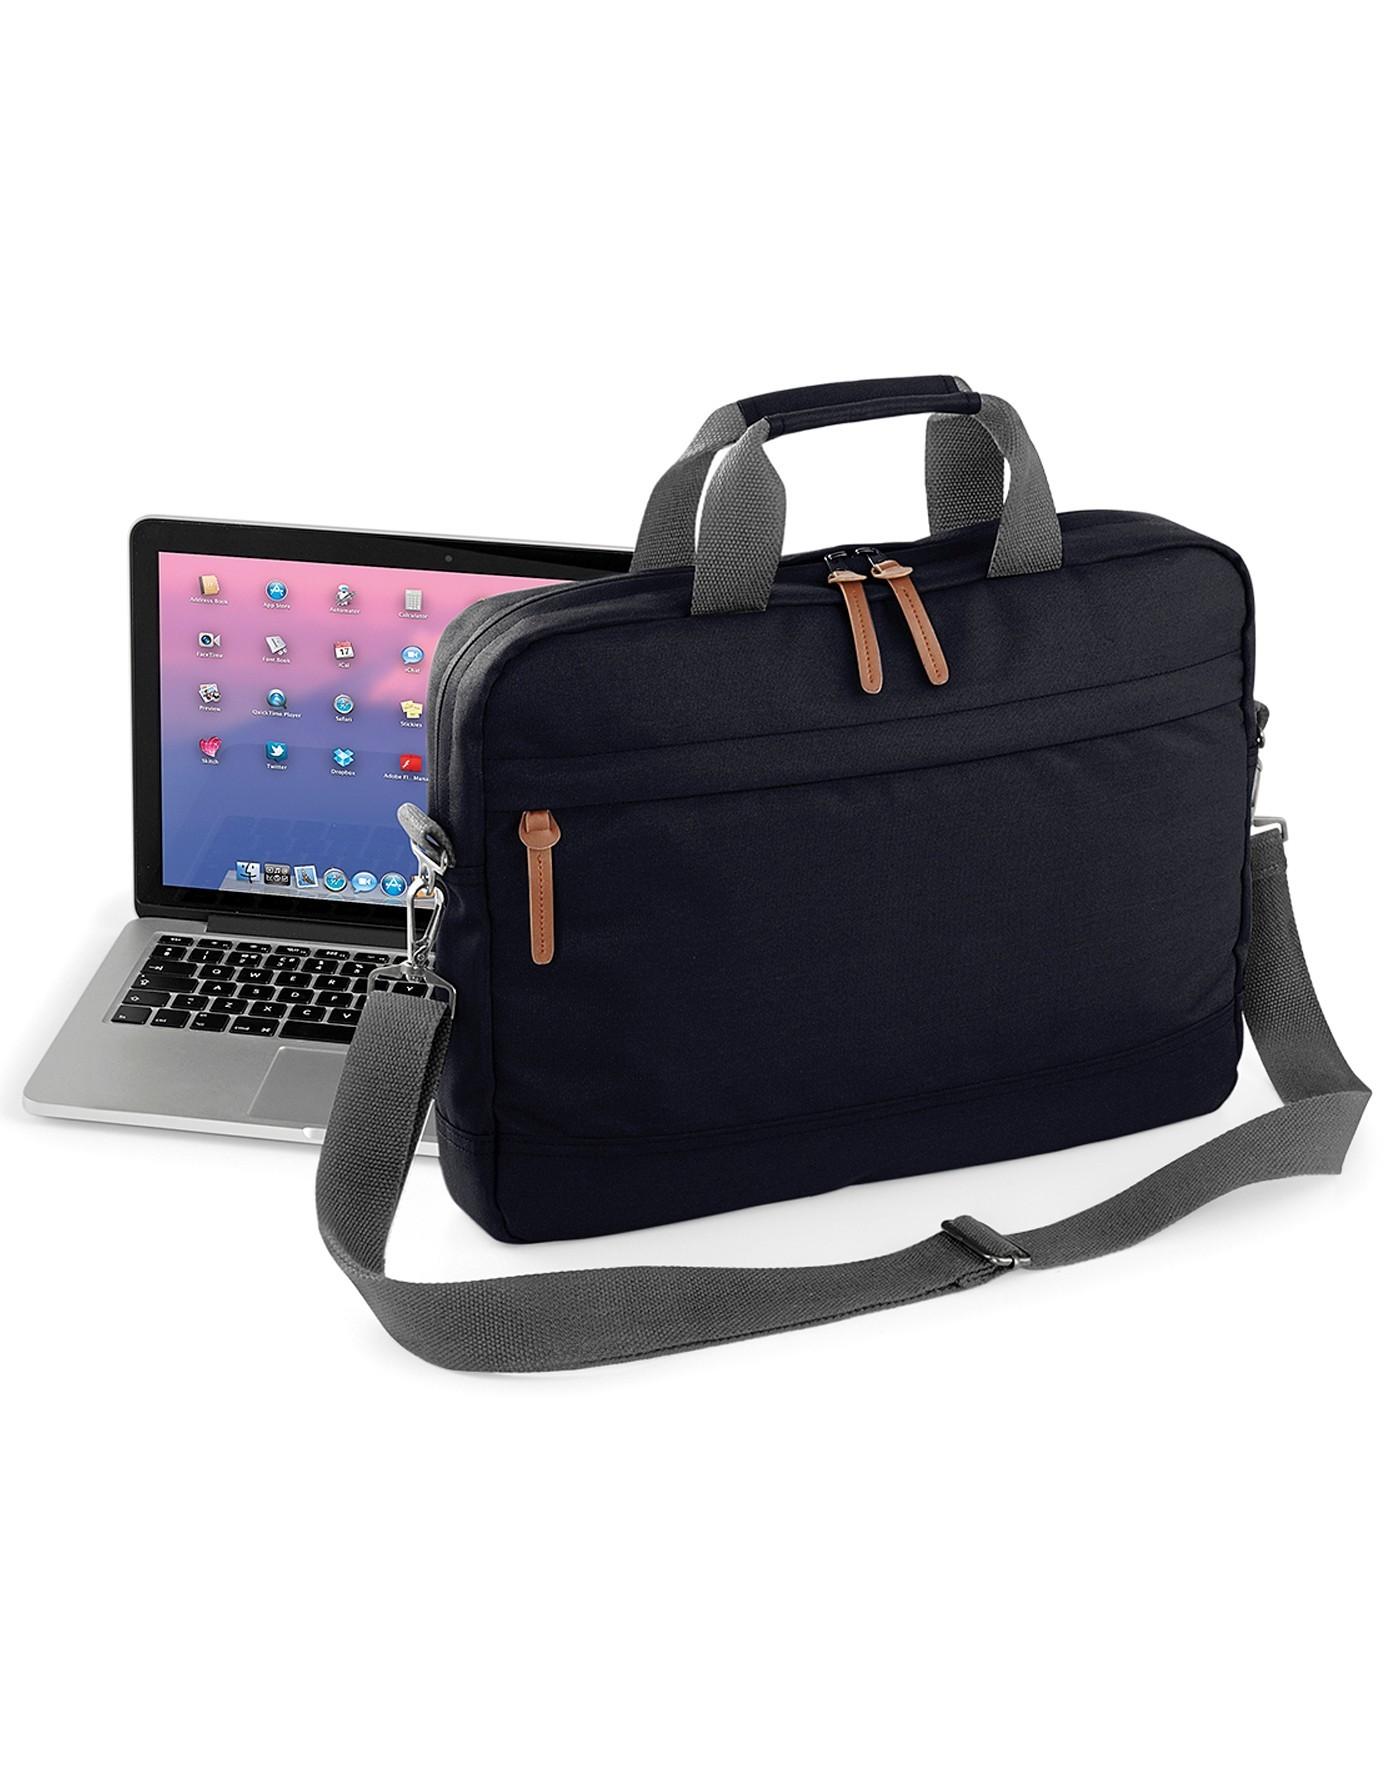 Comment choisir un sac a dos léger pour ordinateur ?